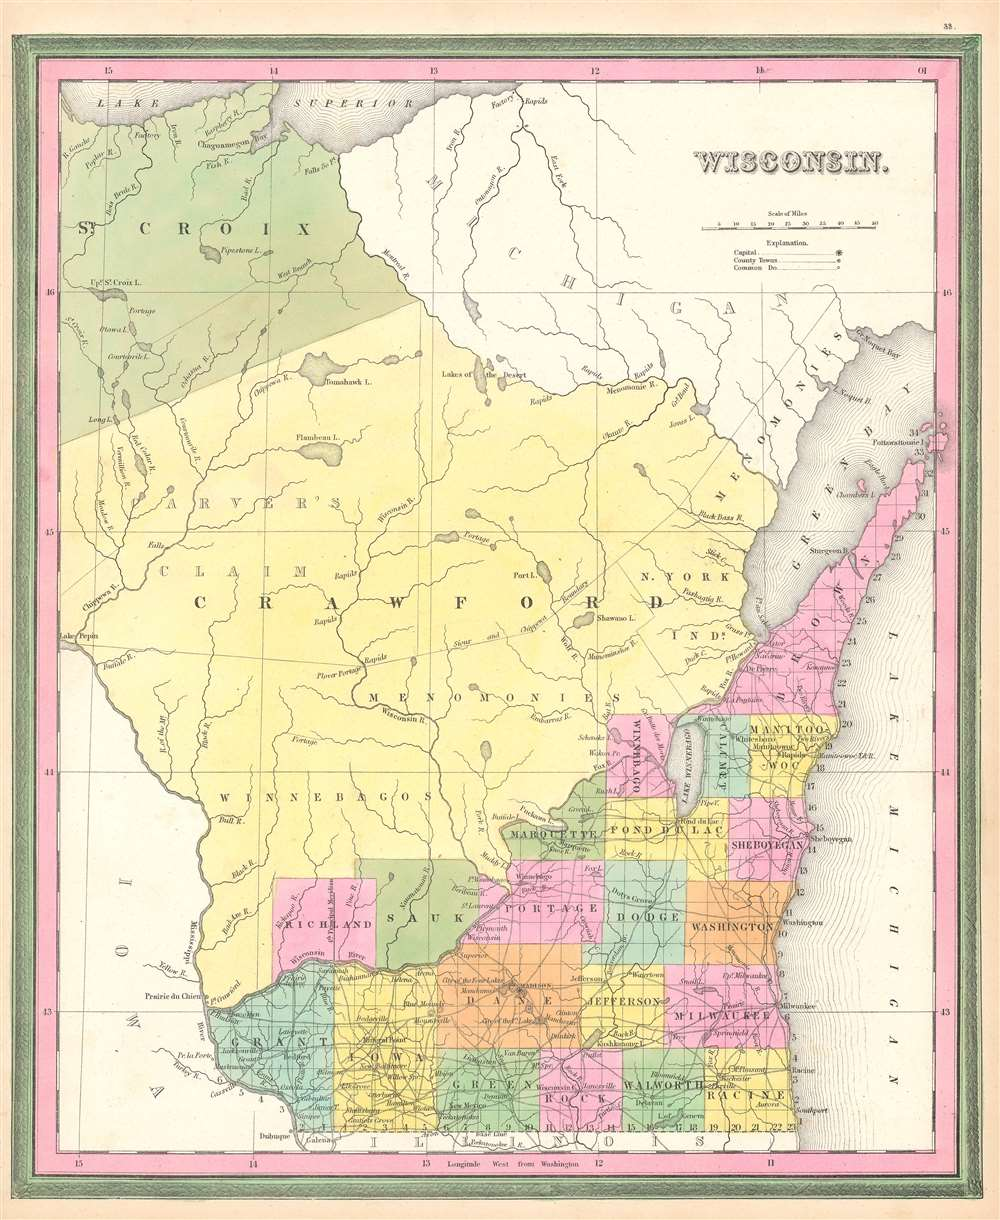 Wisconsin. - Main View